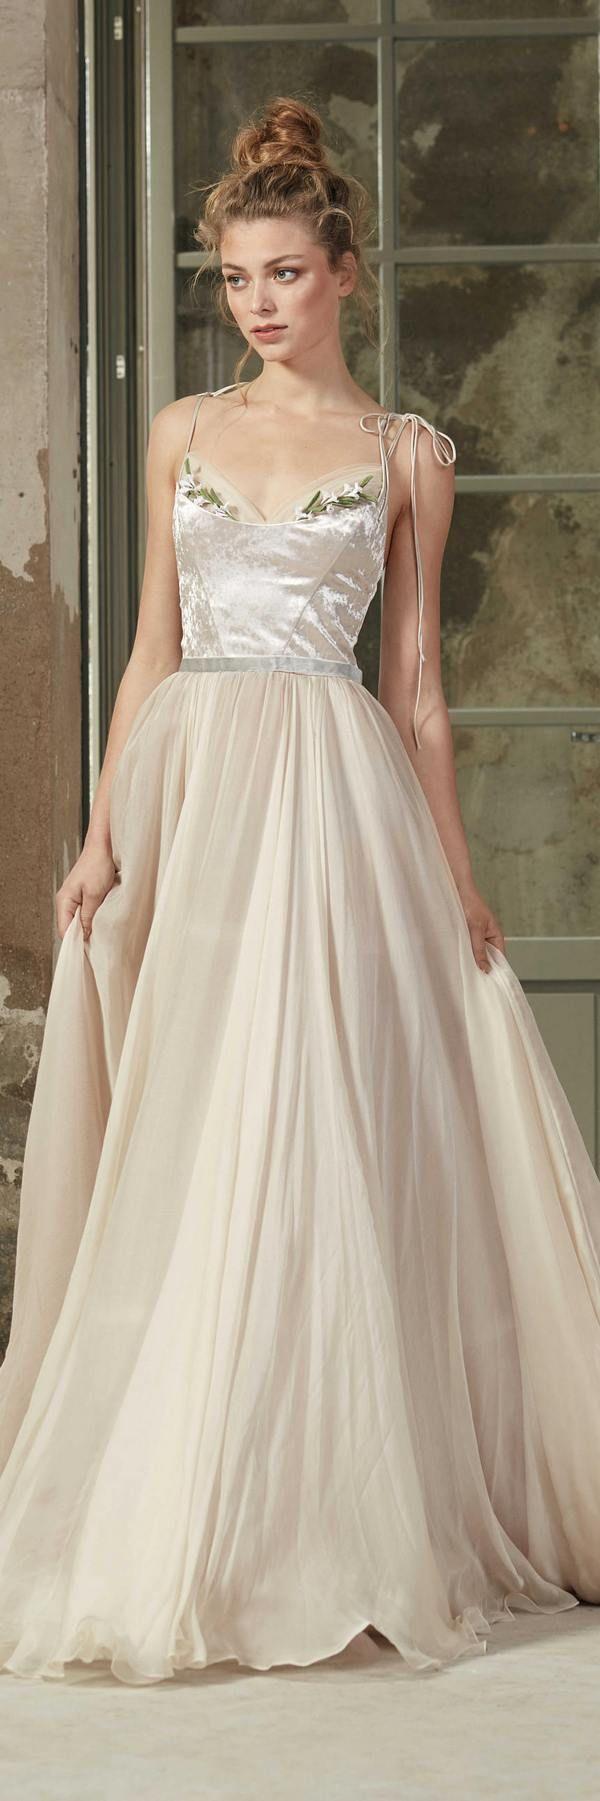 Rara Avis 2018 Wedding Dresses   Brautsammlung, Hochzeitskleider und ...